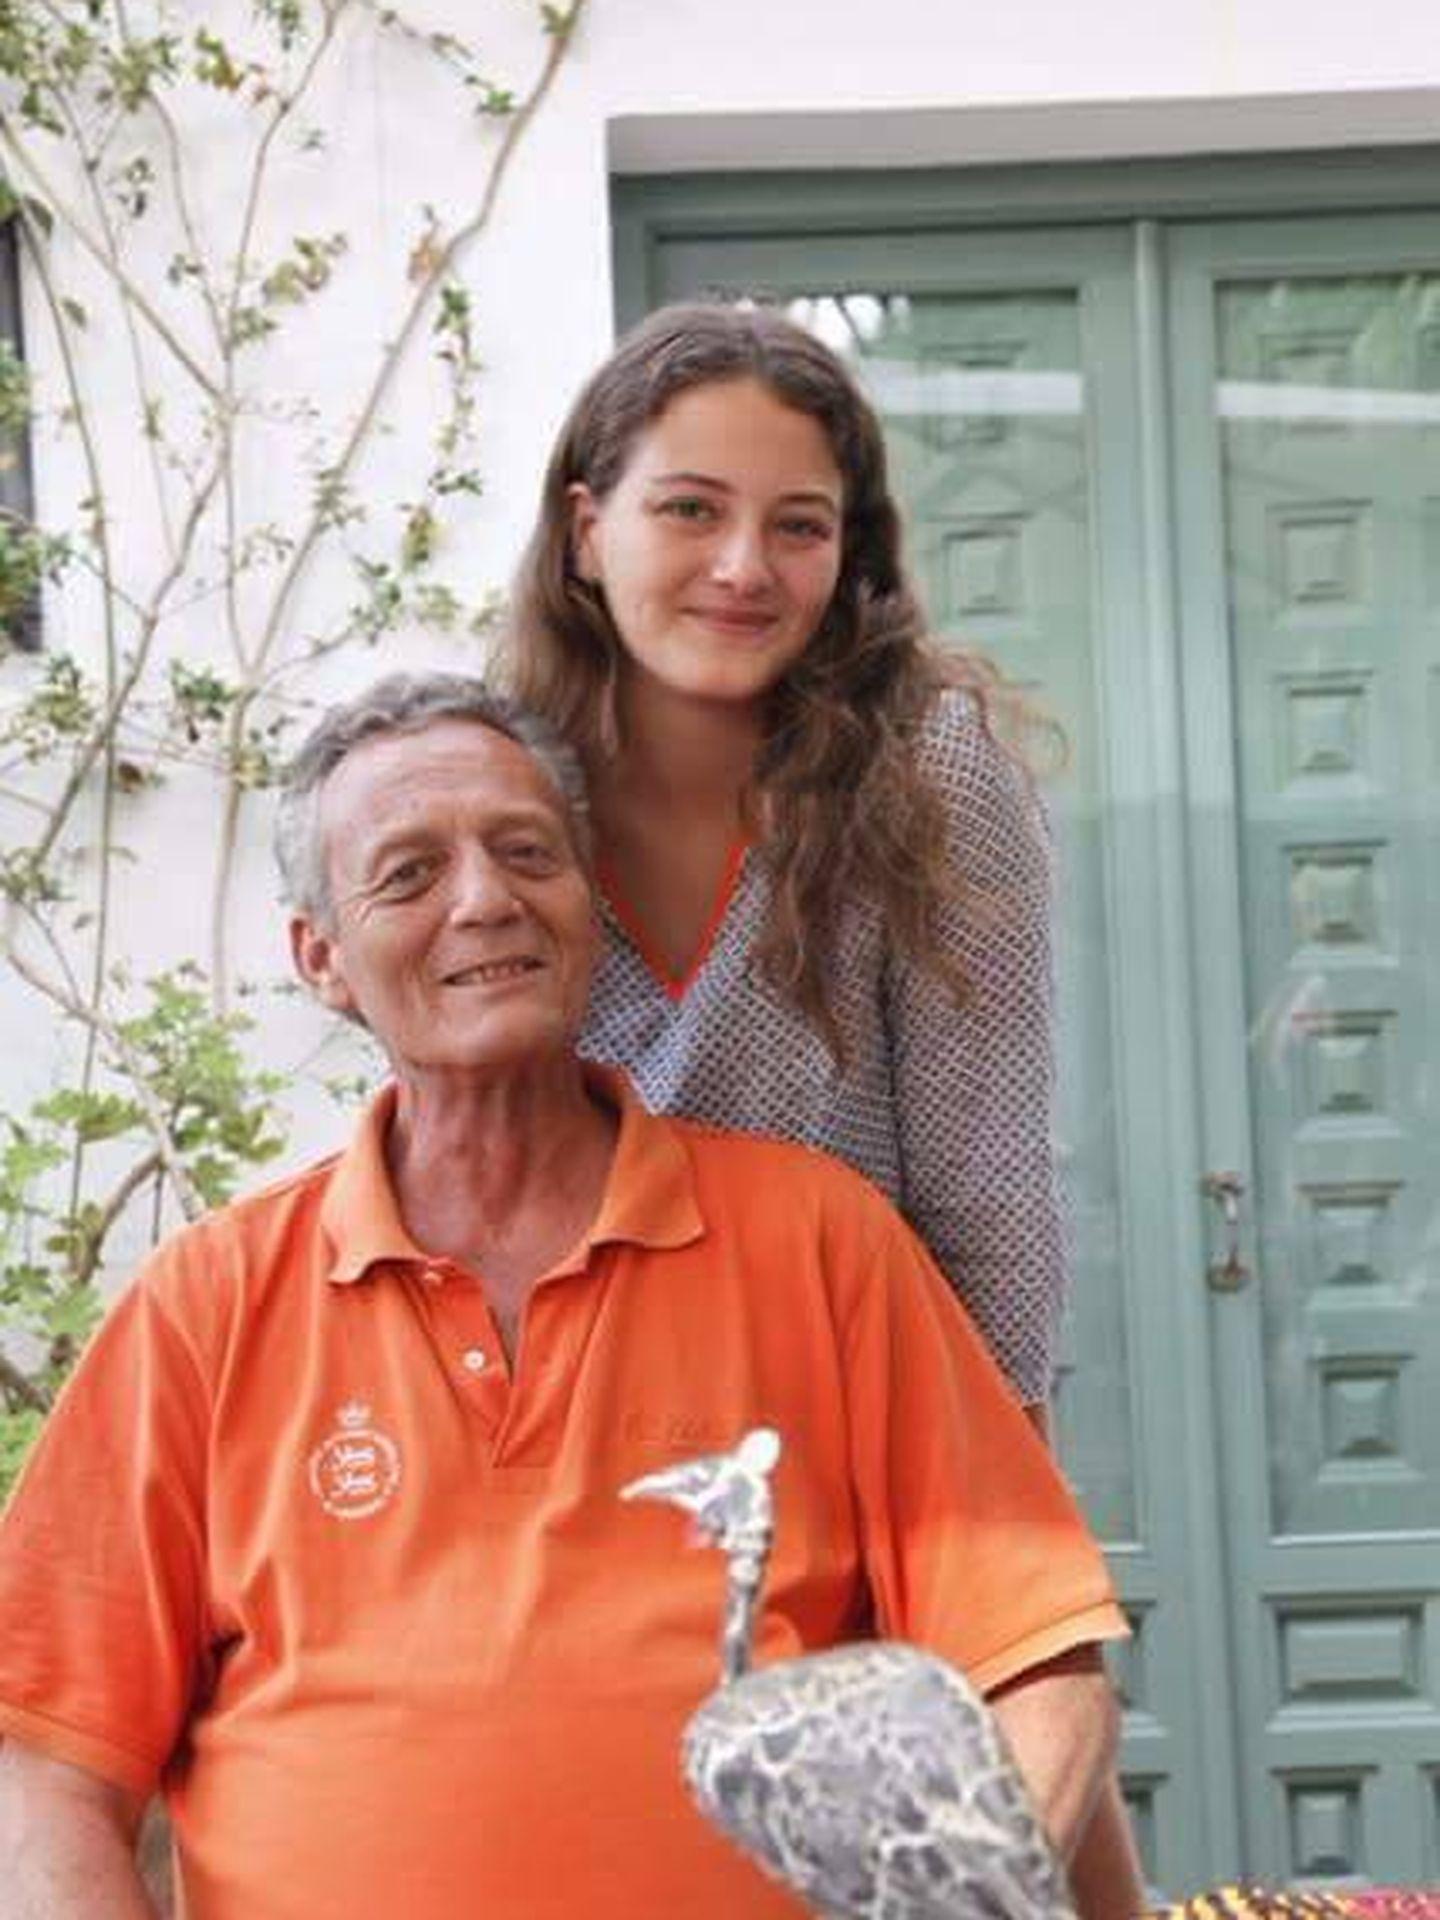 Victoria con su padre Marco, en una bonita imagen familiar compartida en redes.